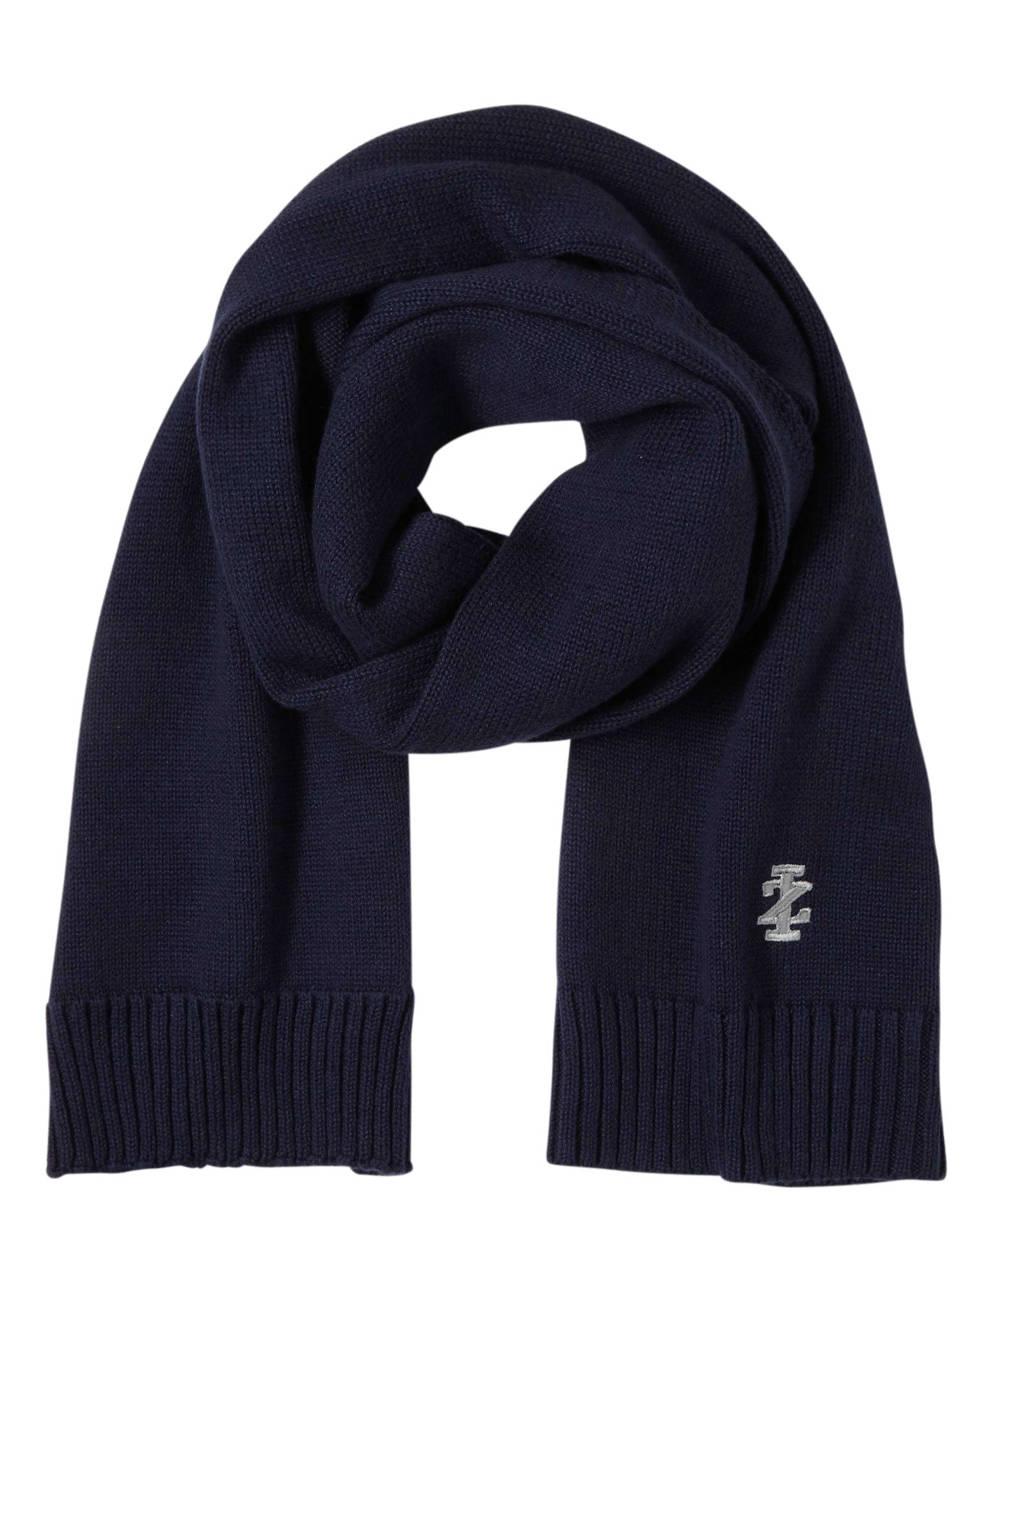 IZOD sjaal blauw, Blauw